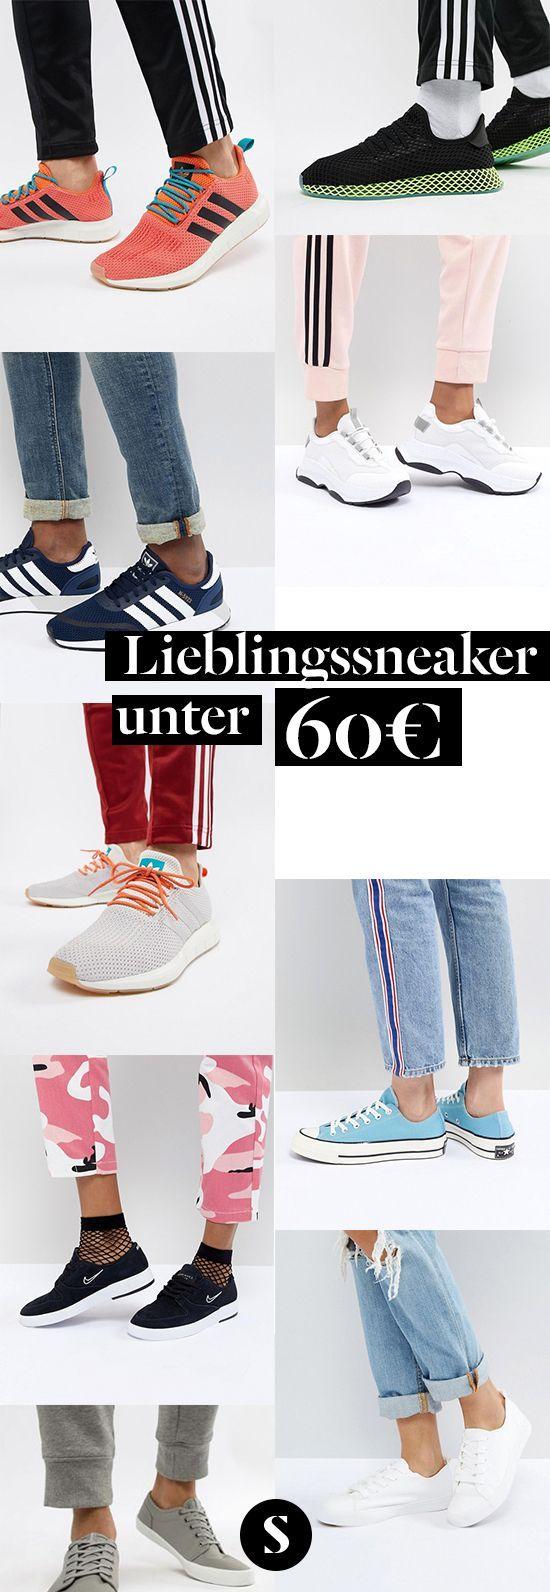 Kein Outfit ist komplett ohne passende Sneakers: Schlicht, bequem und vielseitig ist diese Art Schuh das perfekte Accessoire, das in keinem Zuhause fehlen darf. Und der perfekte Style muss nicht teuer sein: Ob ganz einfach und einfarbig oder eher moderner mit Verzierungen: Hier finden sich Sneaker für jeden Anlass – und das alles unter 60 Euro – Outfit Ideen